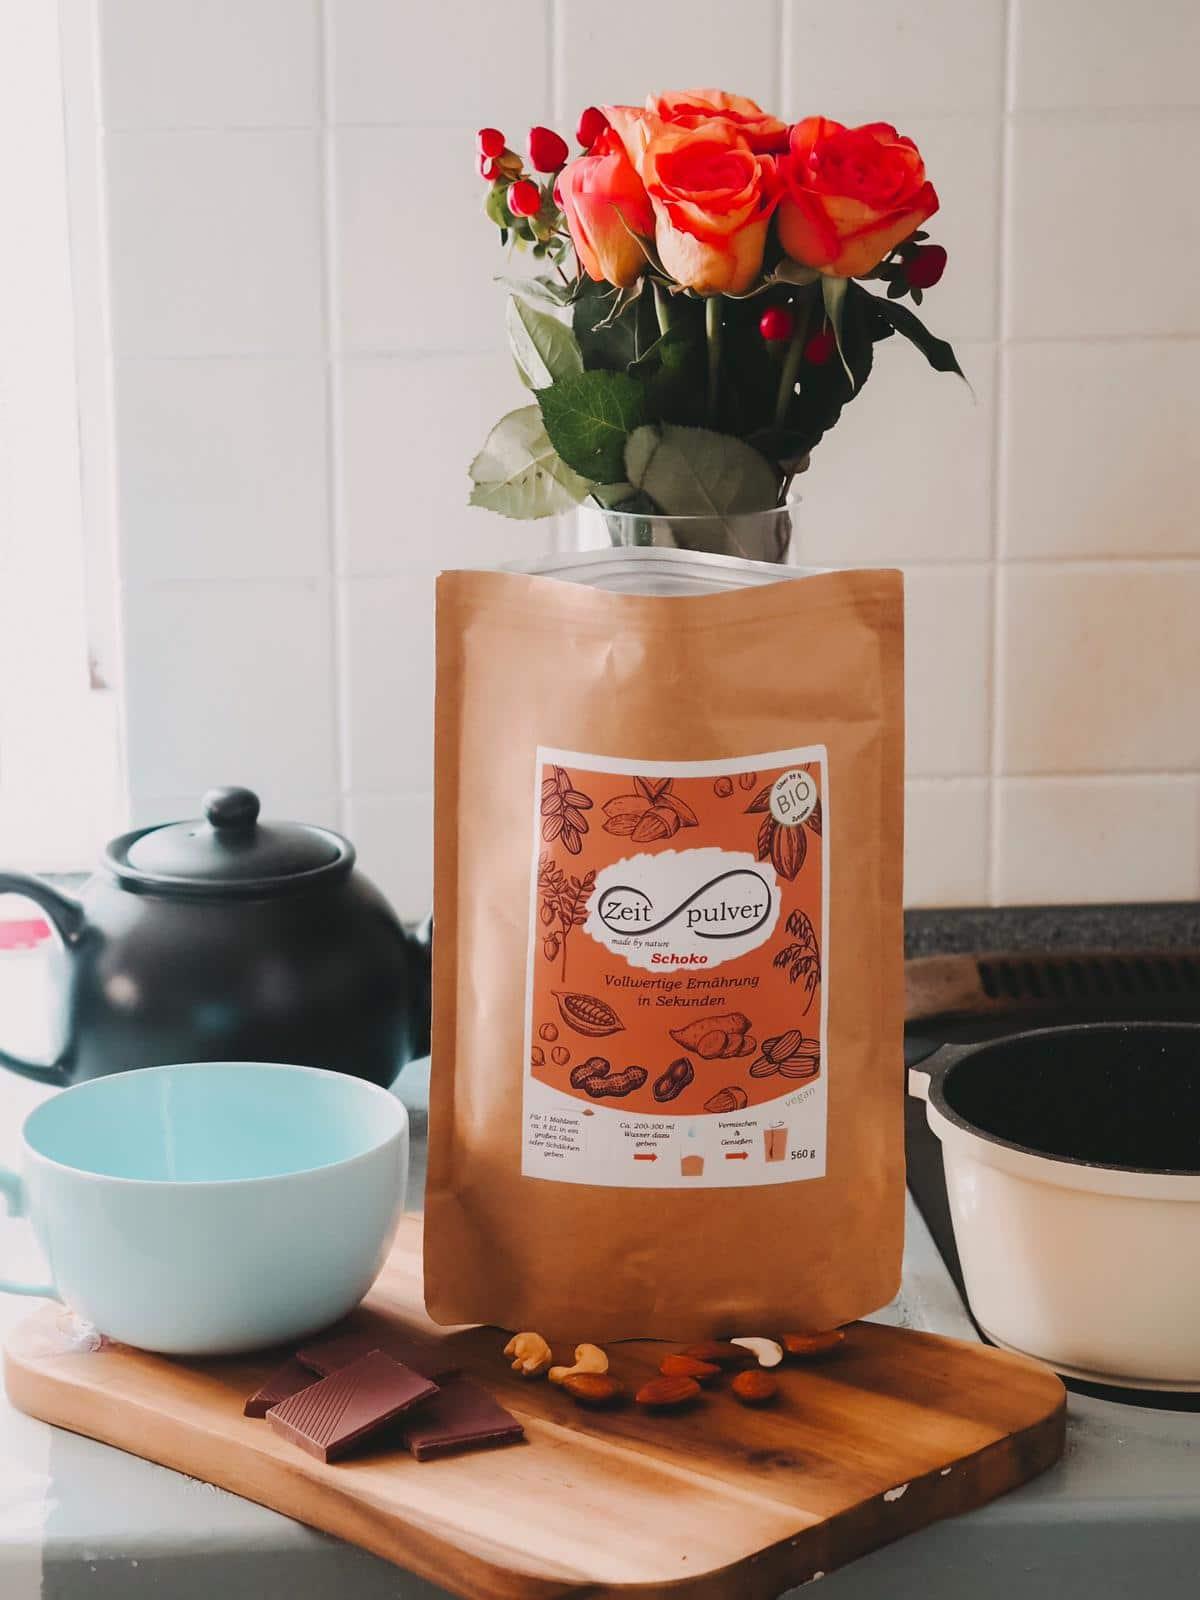 Mit Zeitpulver könnt ihr in Sekundenschnelle eine gesunde, sättigende pflanzliche Mahlzeit zubereiten. Heute zeige ich euch auf dem Blog zwei top Rezepte.